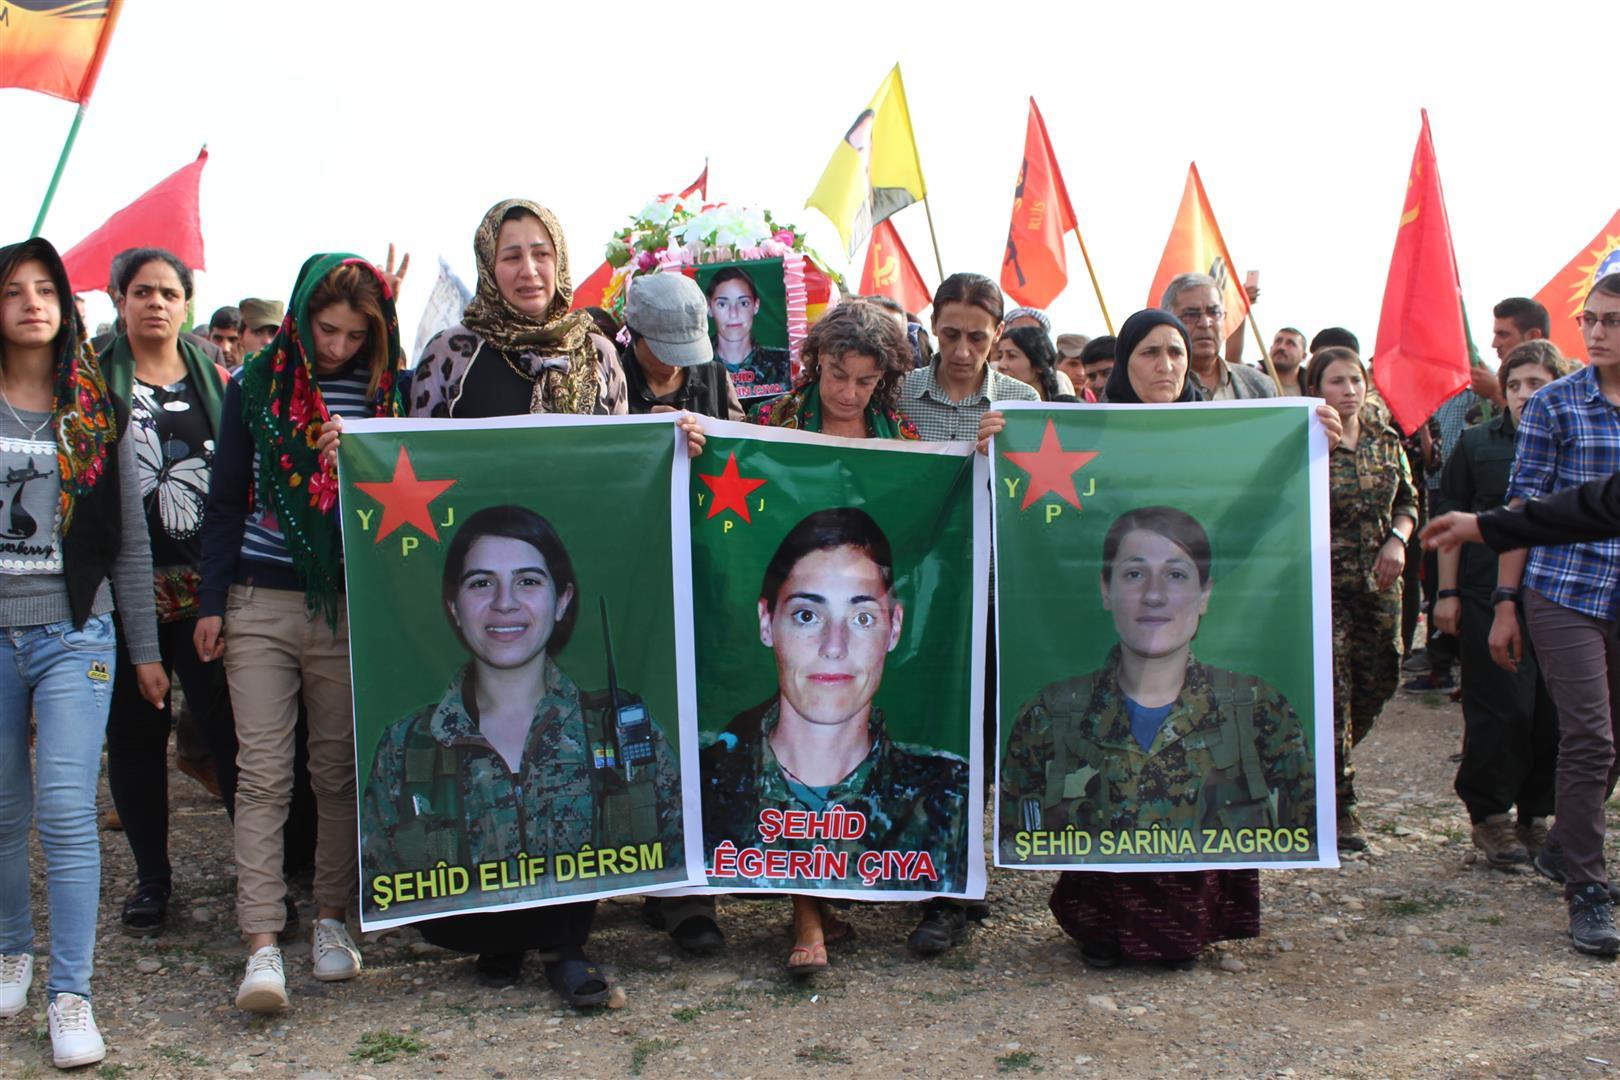 صورة الوحدات الكردية تنعي مقاتلة أرجنتينية في صفوفها